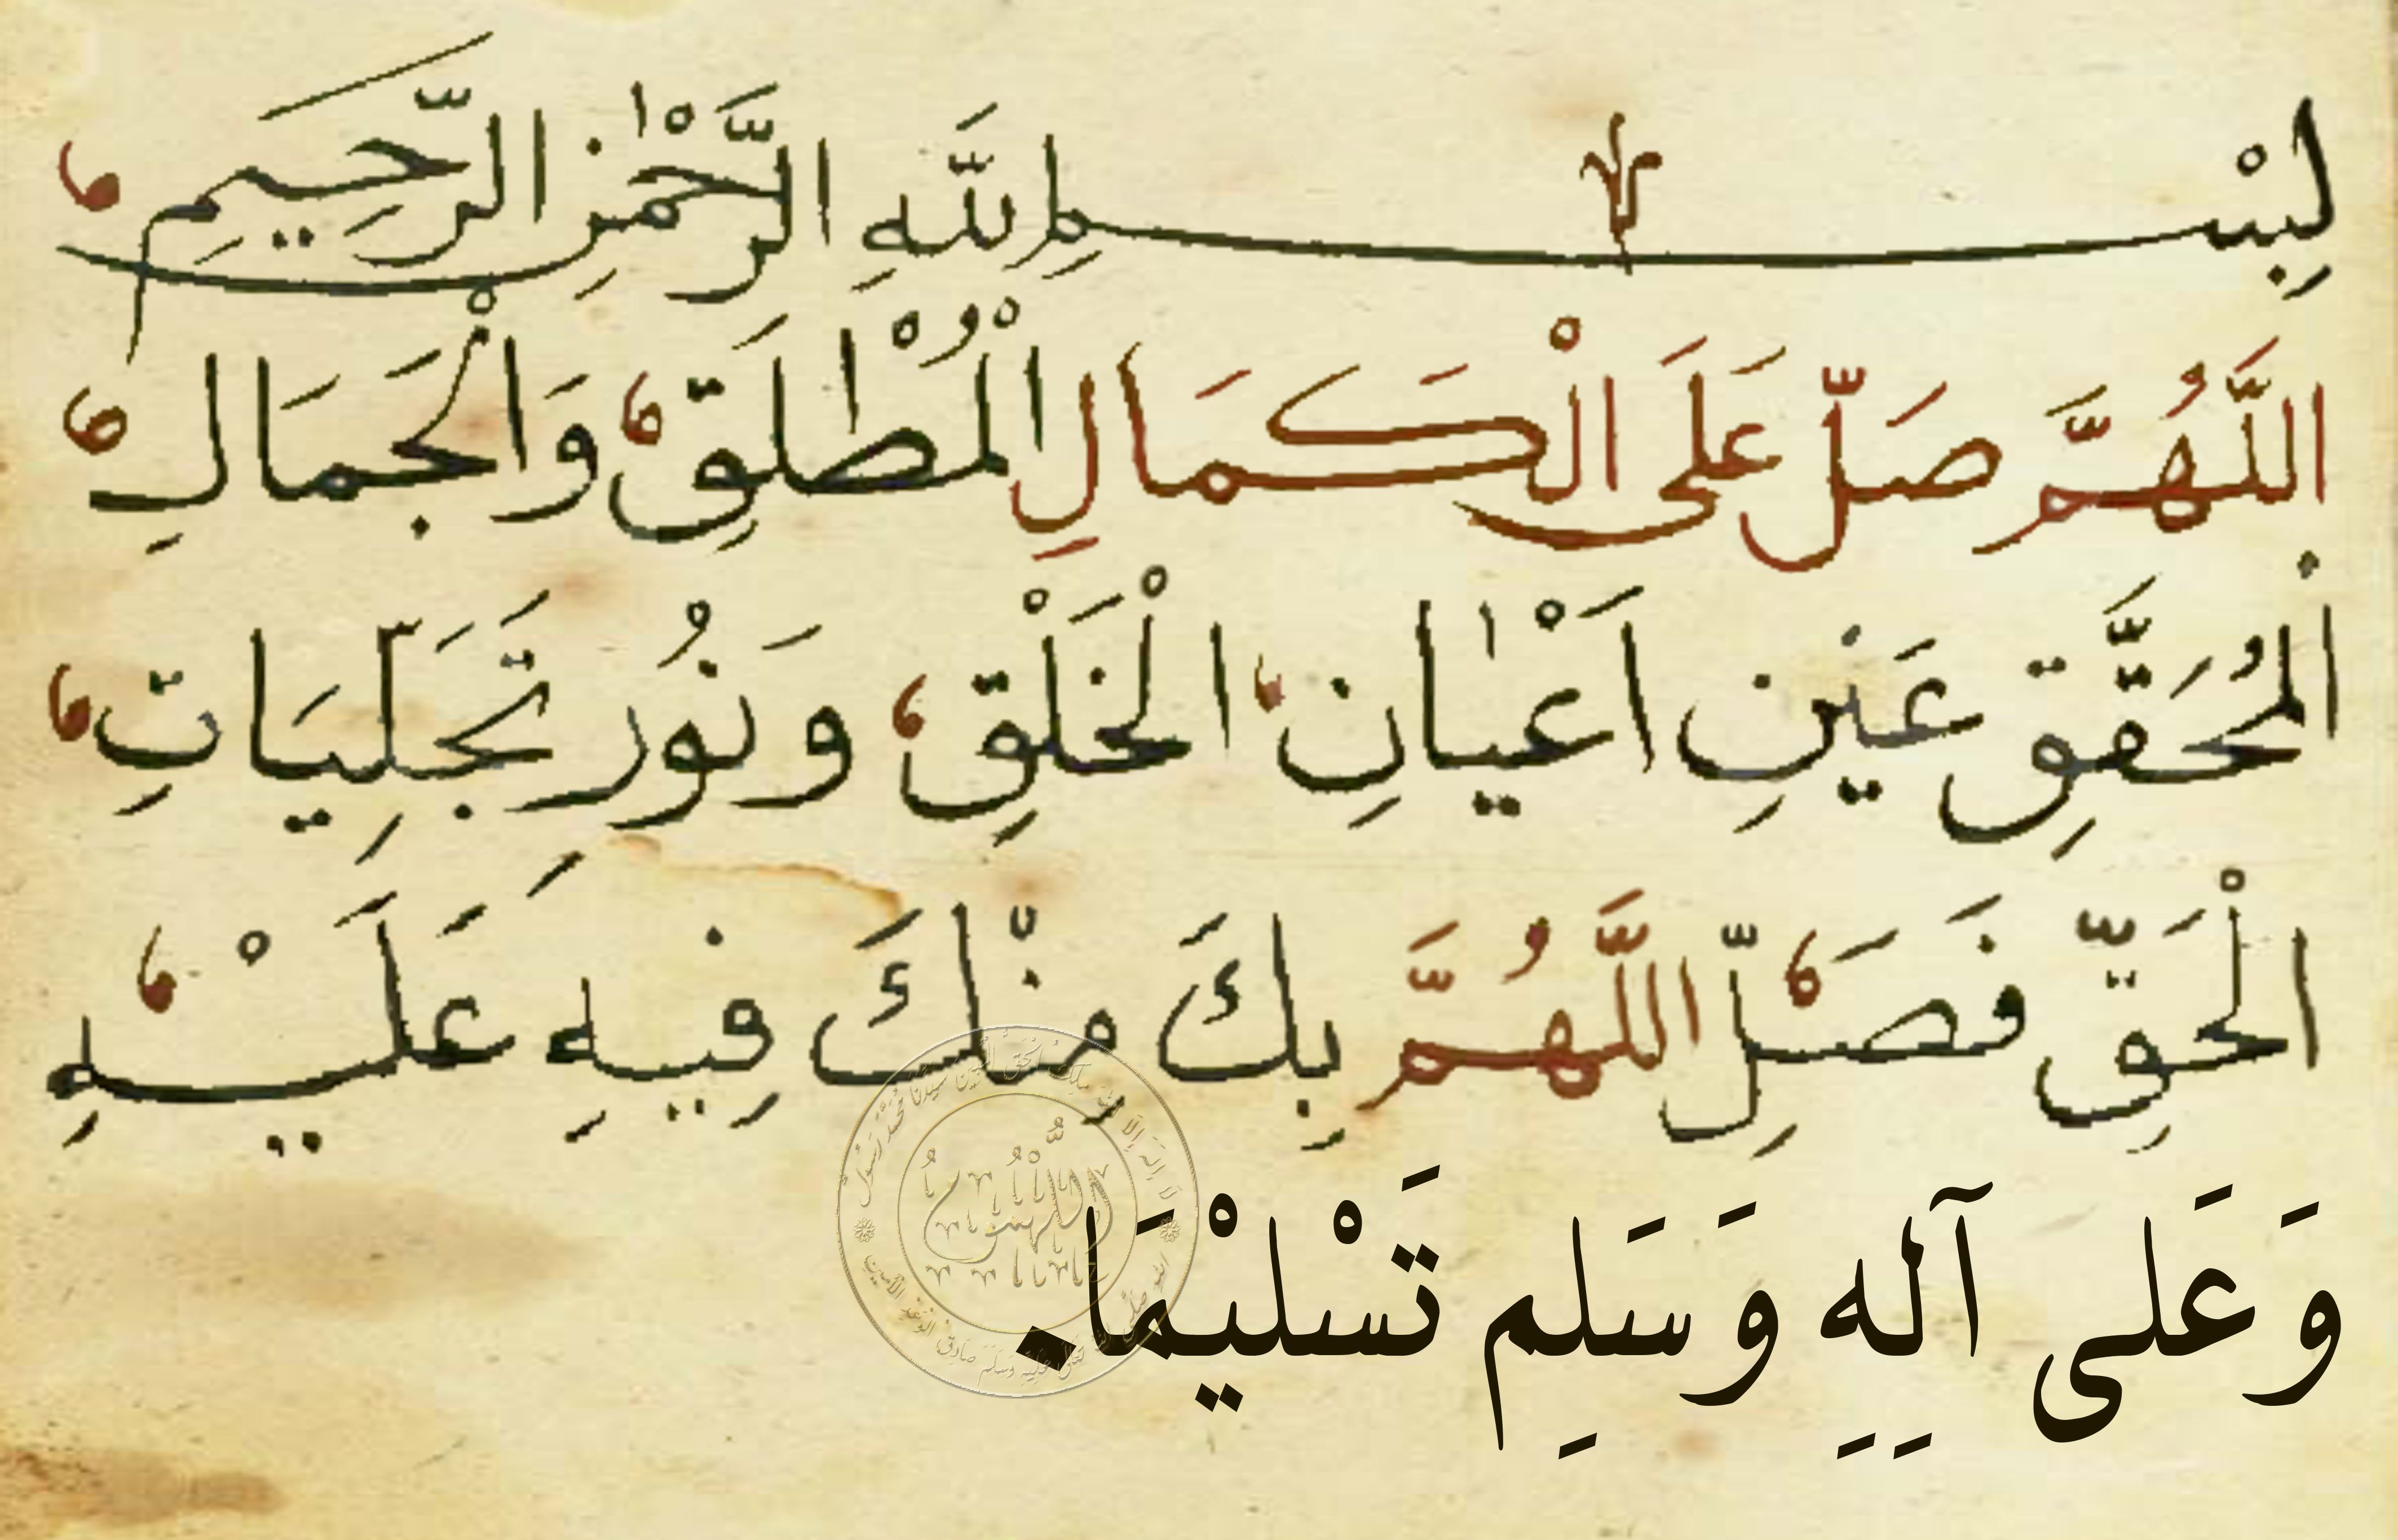 صلوا_عليه_وسلموا_تسليما Islamic prayer, Quran, Salaat